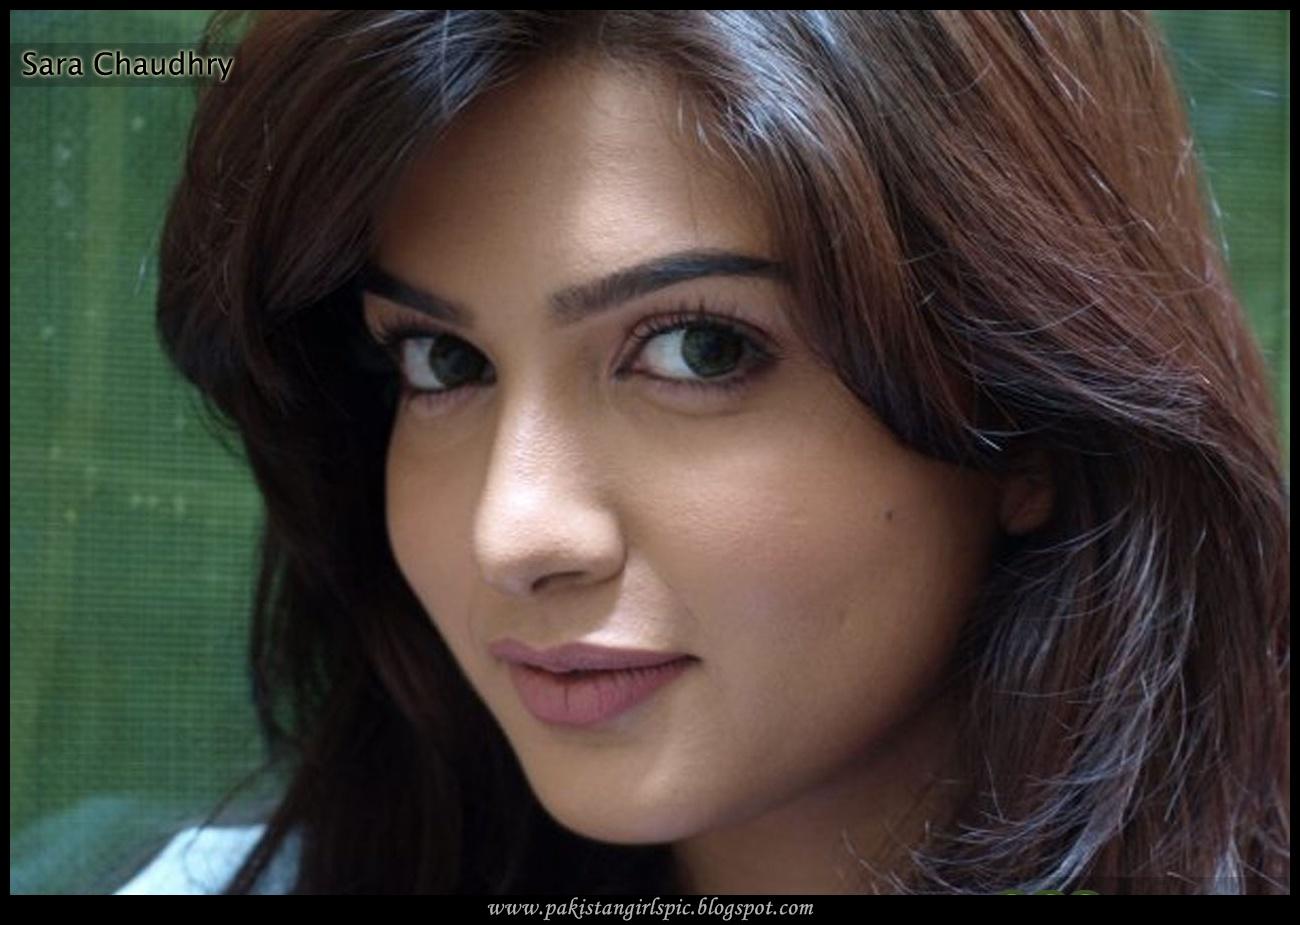 India Girls Hot Photos Sara Chaudhry Drama Actress Pakistani-1782